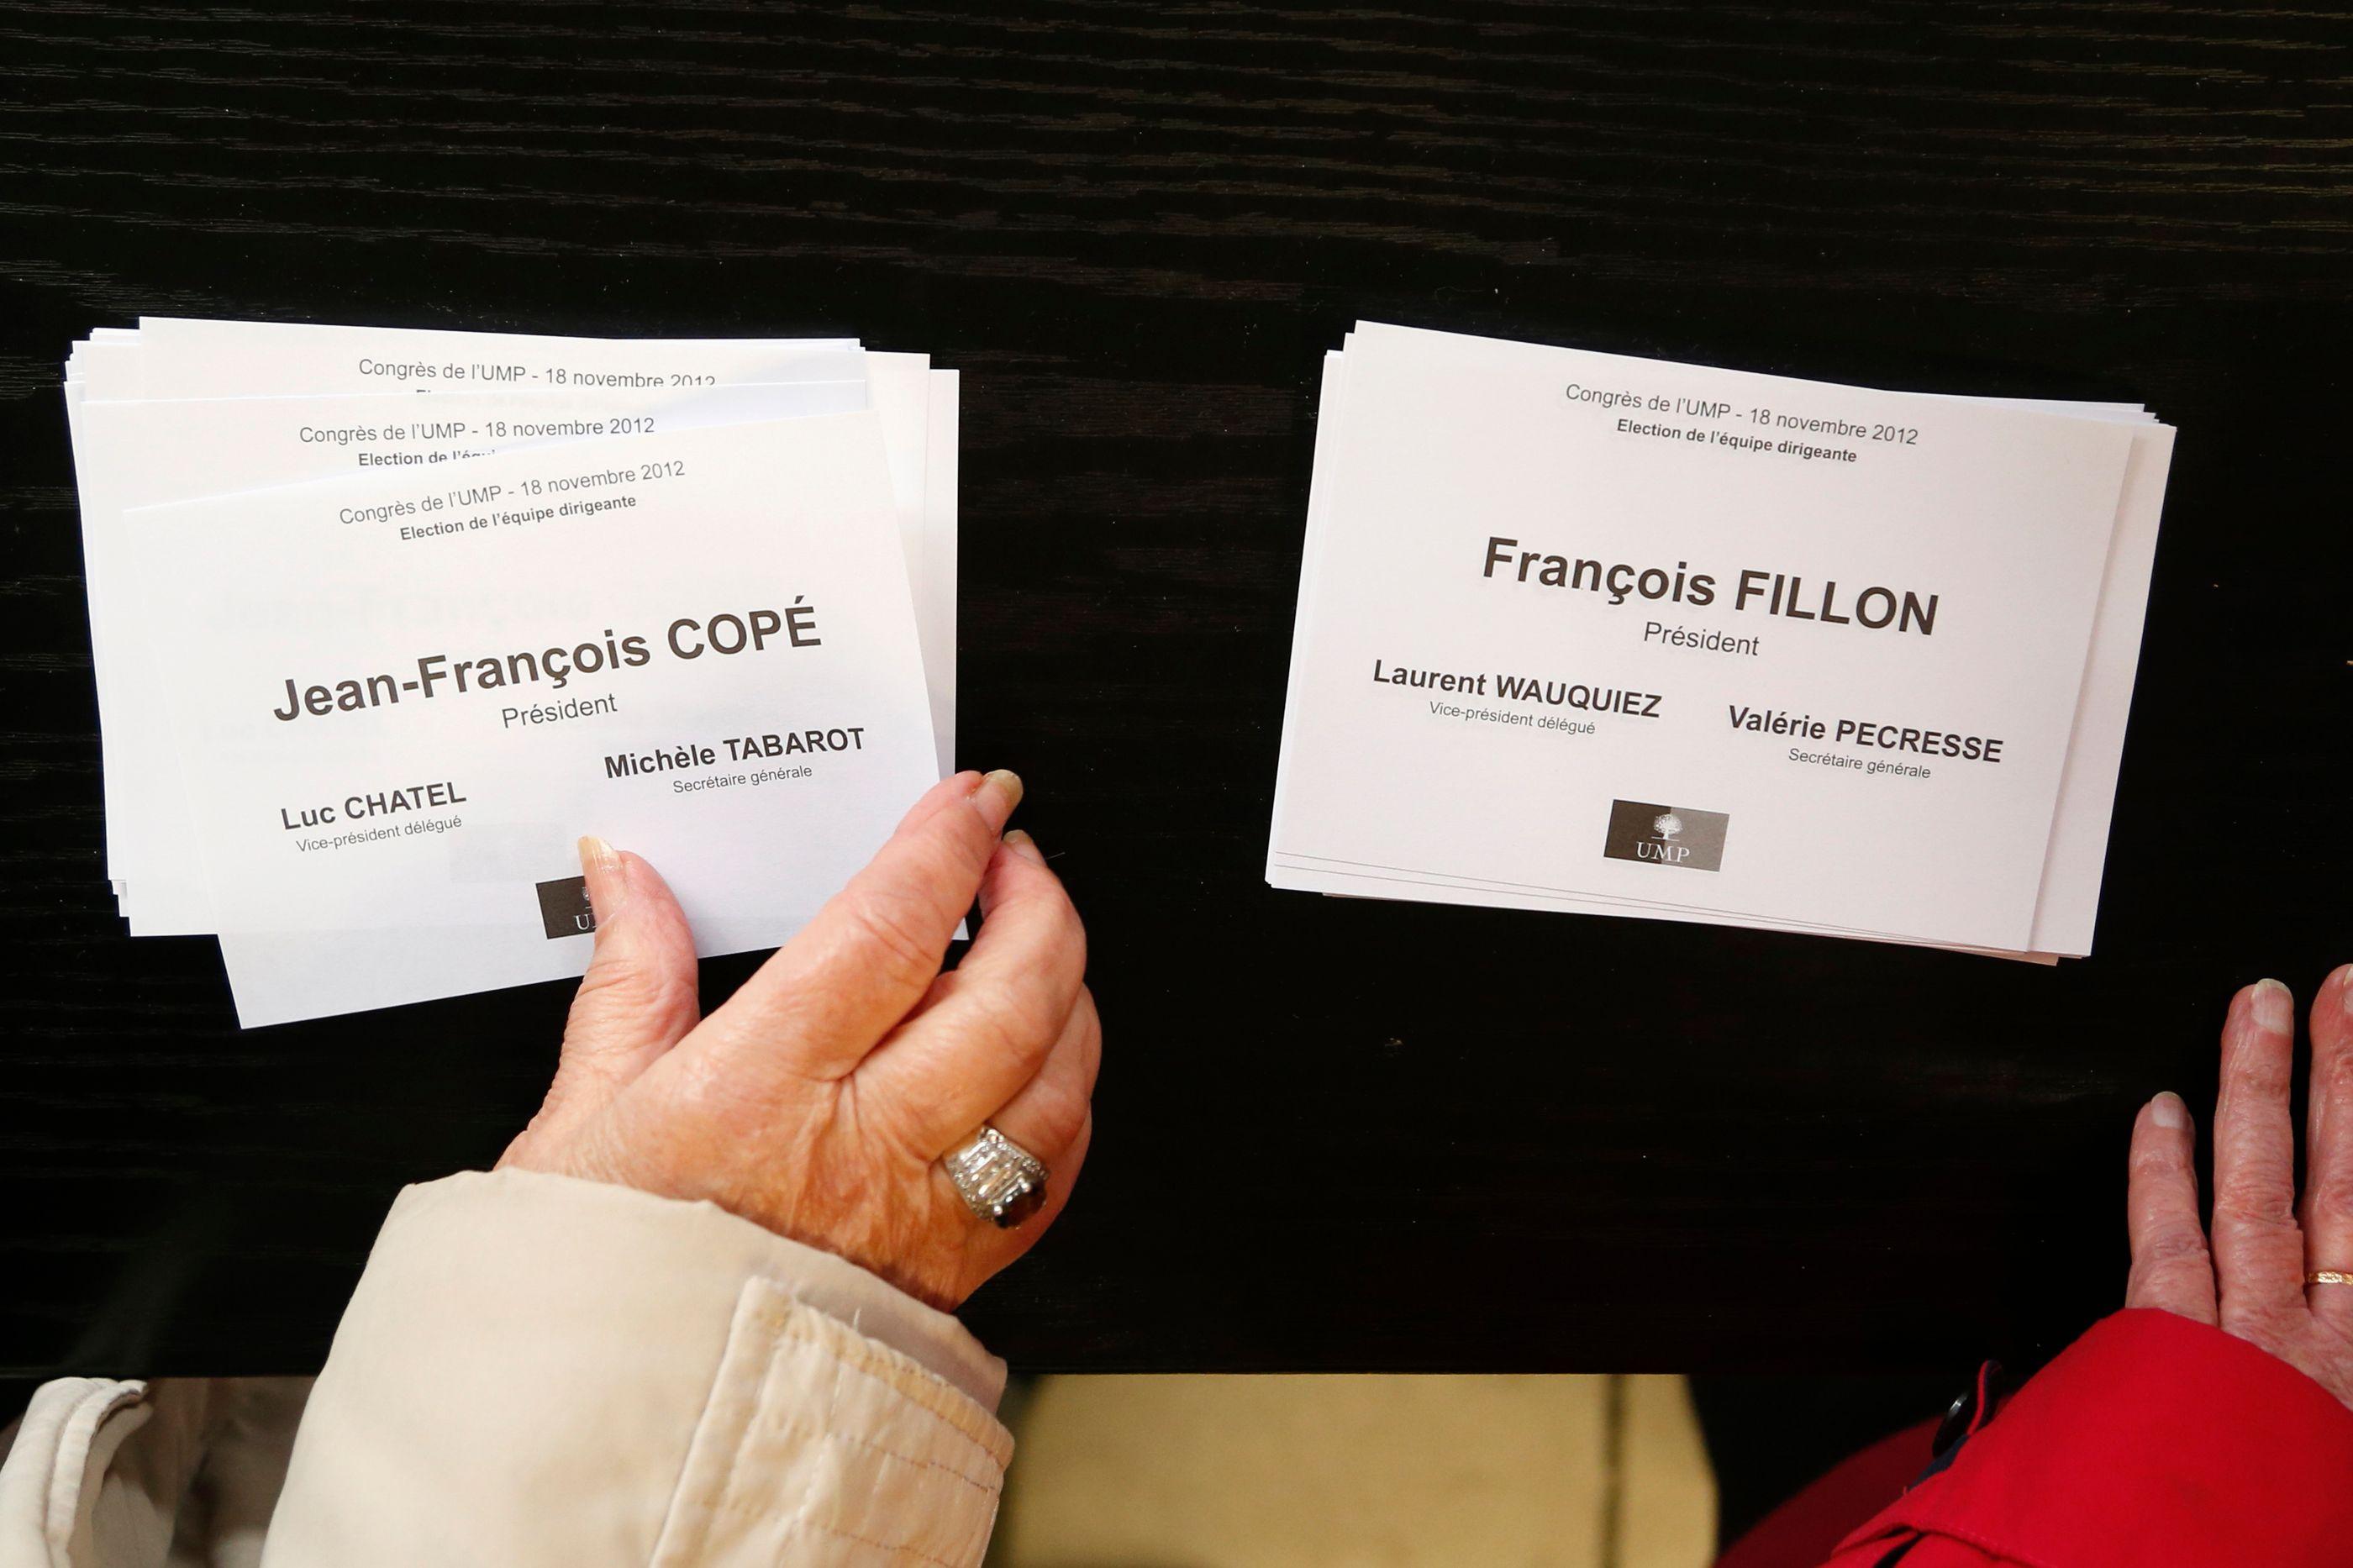 Les militants sont appelés à se prononcer sur leur souhait d'un nouveau vote pour la présidence de l'UMP.